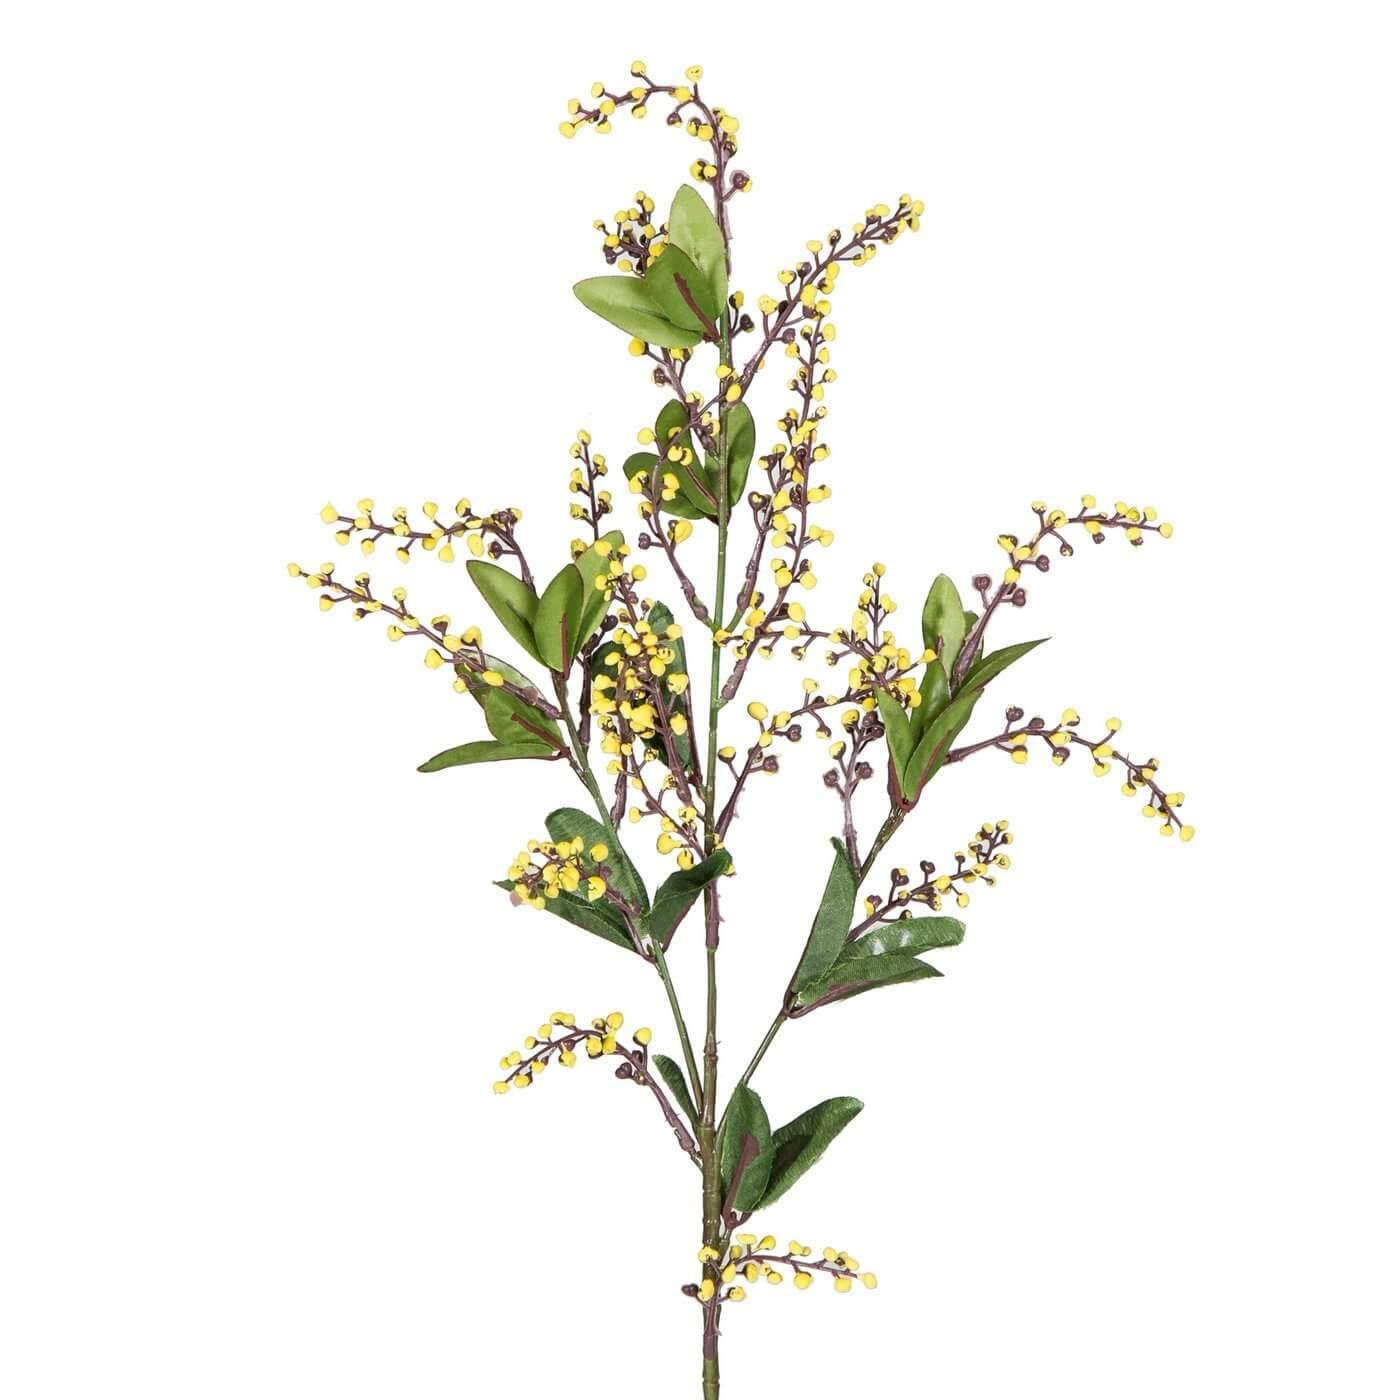 jak zrobić wianek ze sztucznych kwiatów eurofirany.com.pl